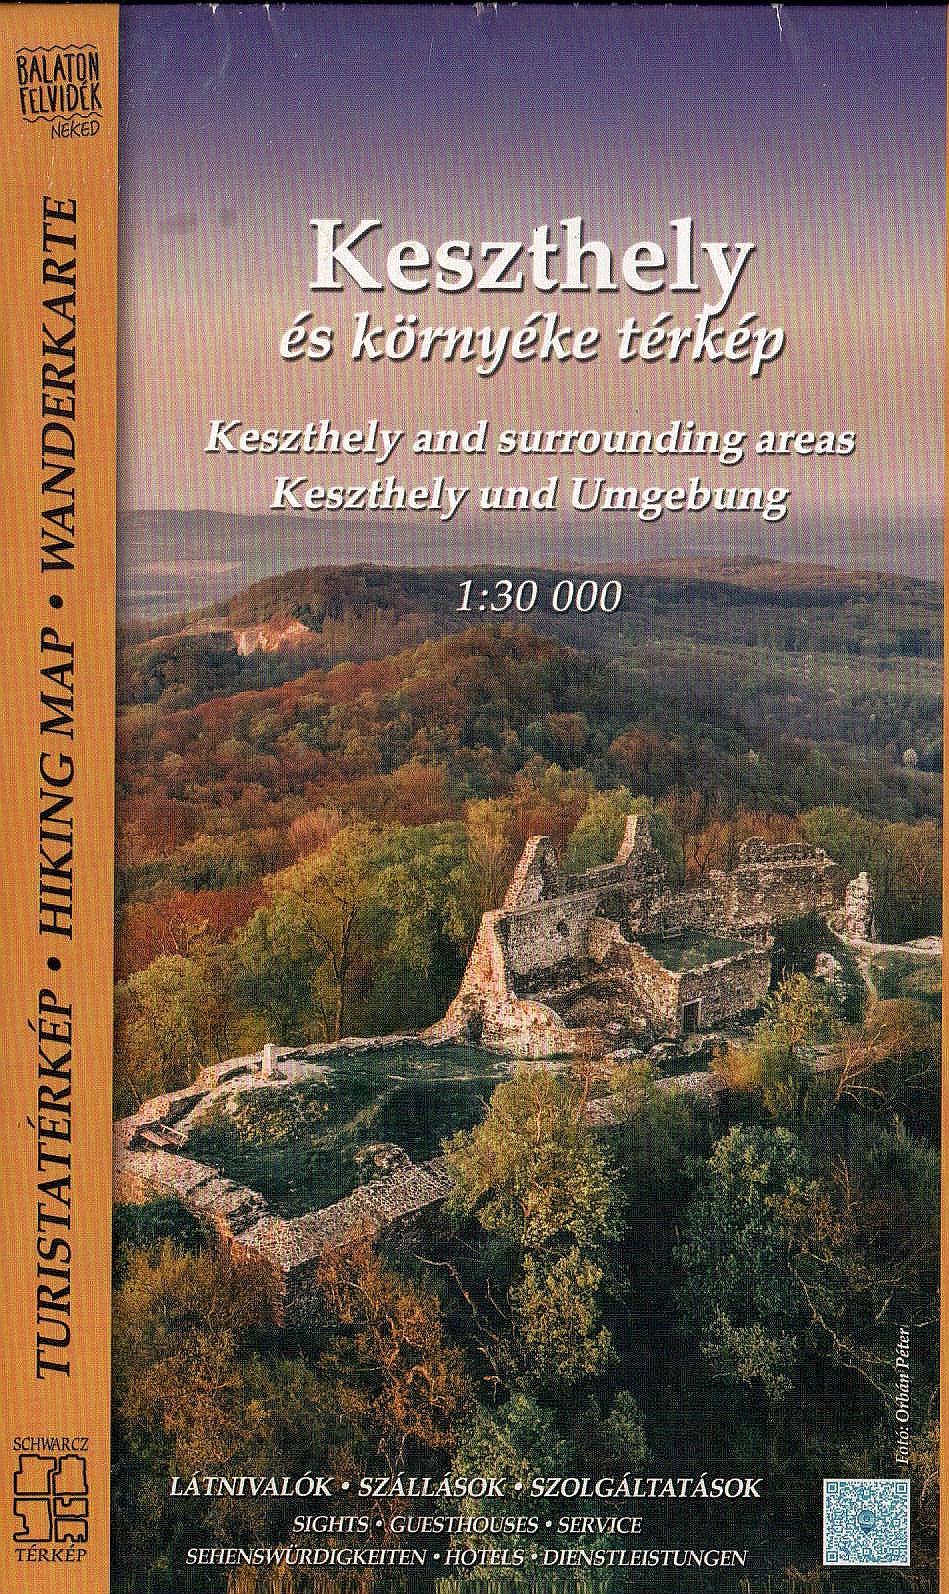 Keszthelyi-hegység, Keszthely és Hévíz környéke részletes turista- és biciklis térkép szállás és program ajánlatokkal